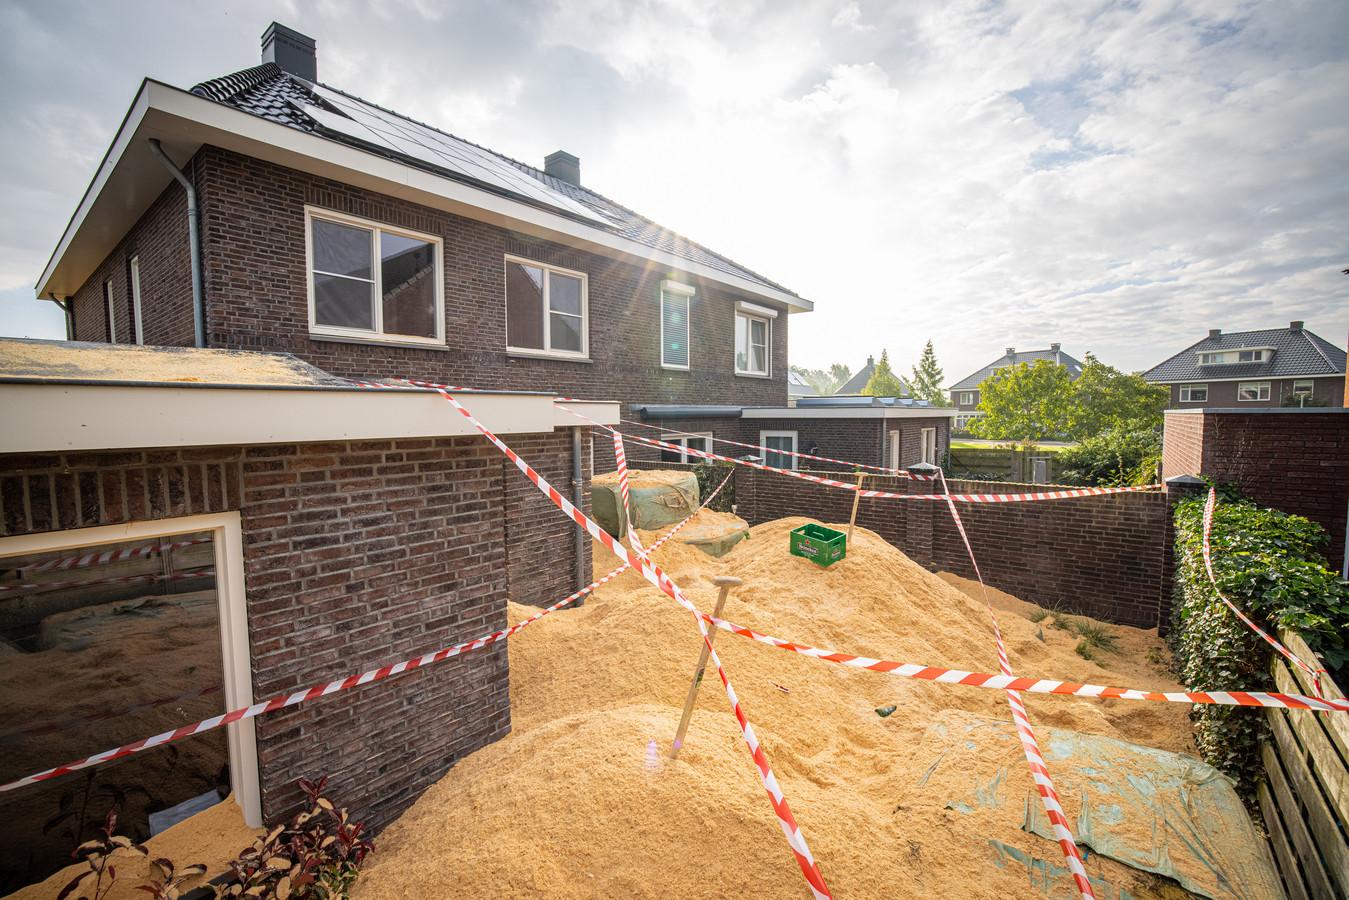 Een bizar beeld woensdag bij een woning aan de Essenakker, 40 kubieke meter zaagsel in de tuin.